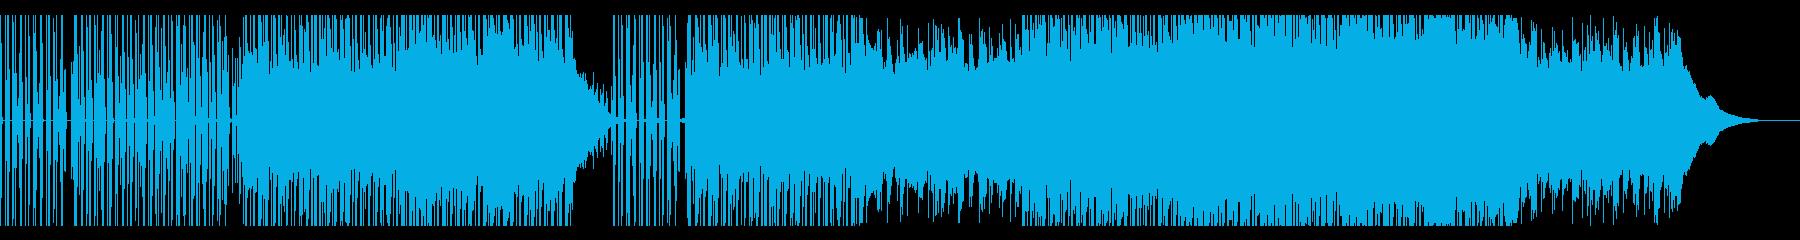 パンク トラップ ヒップホップ ポ...の再生済みの波形